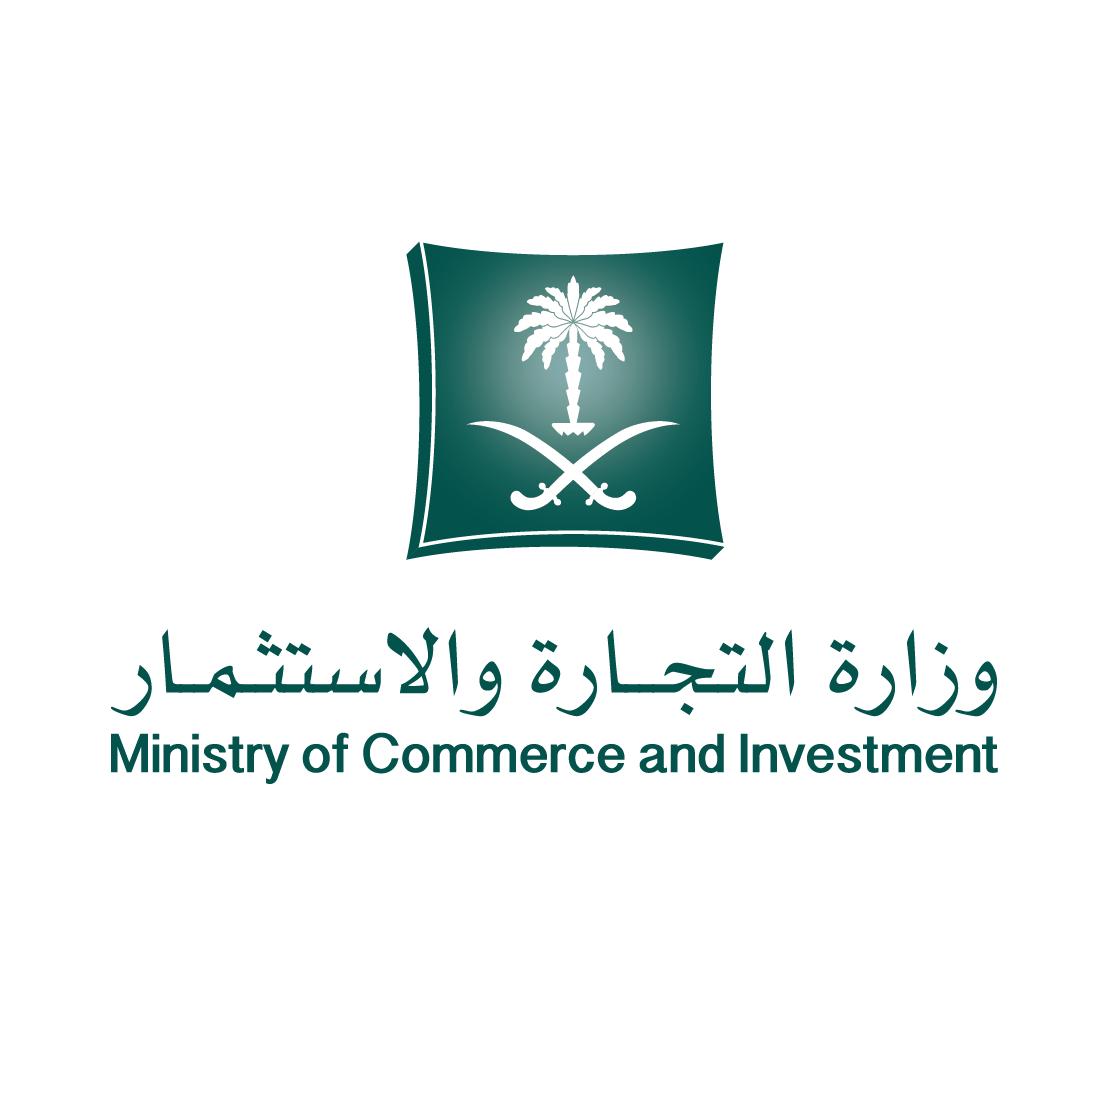 نظام جديد للشركات السعودية.. تعرف عليه